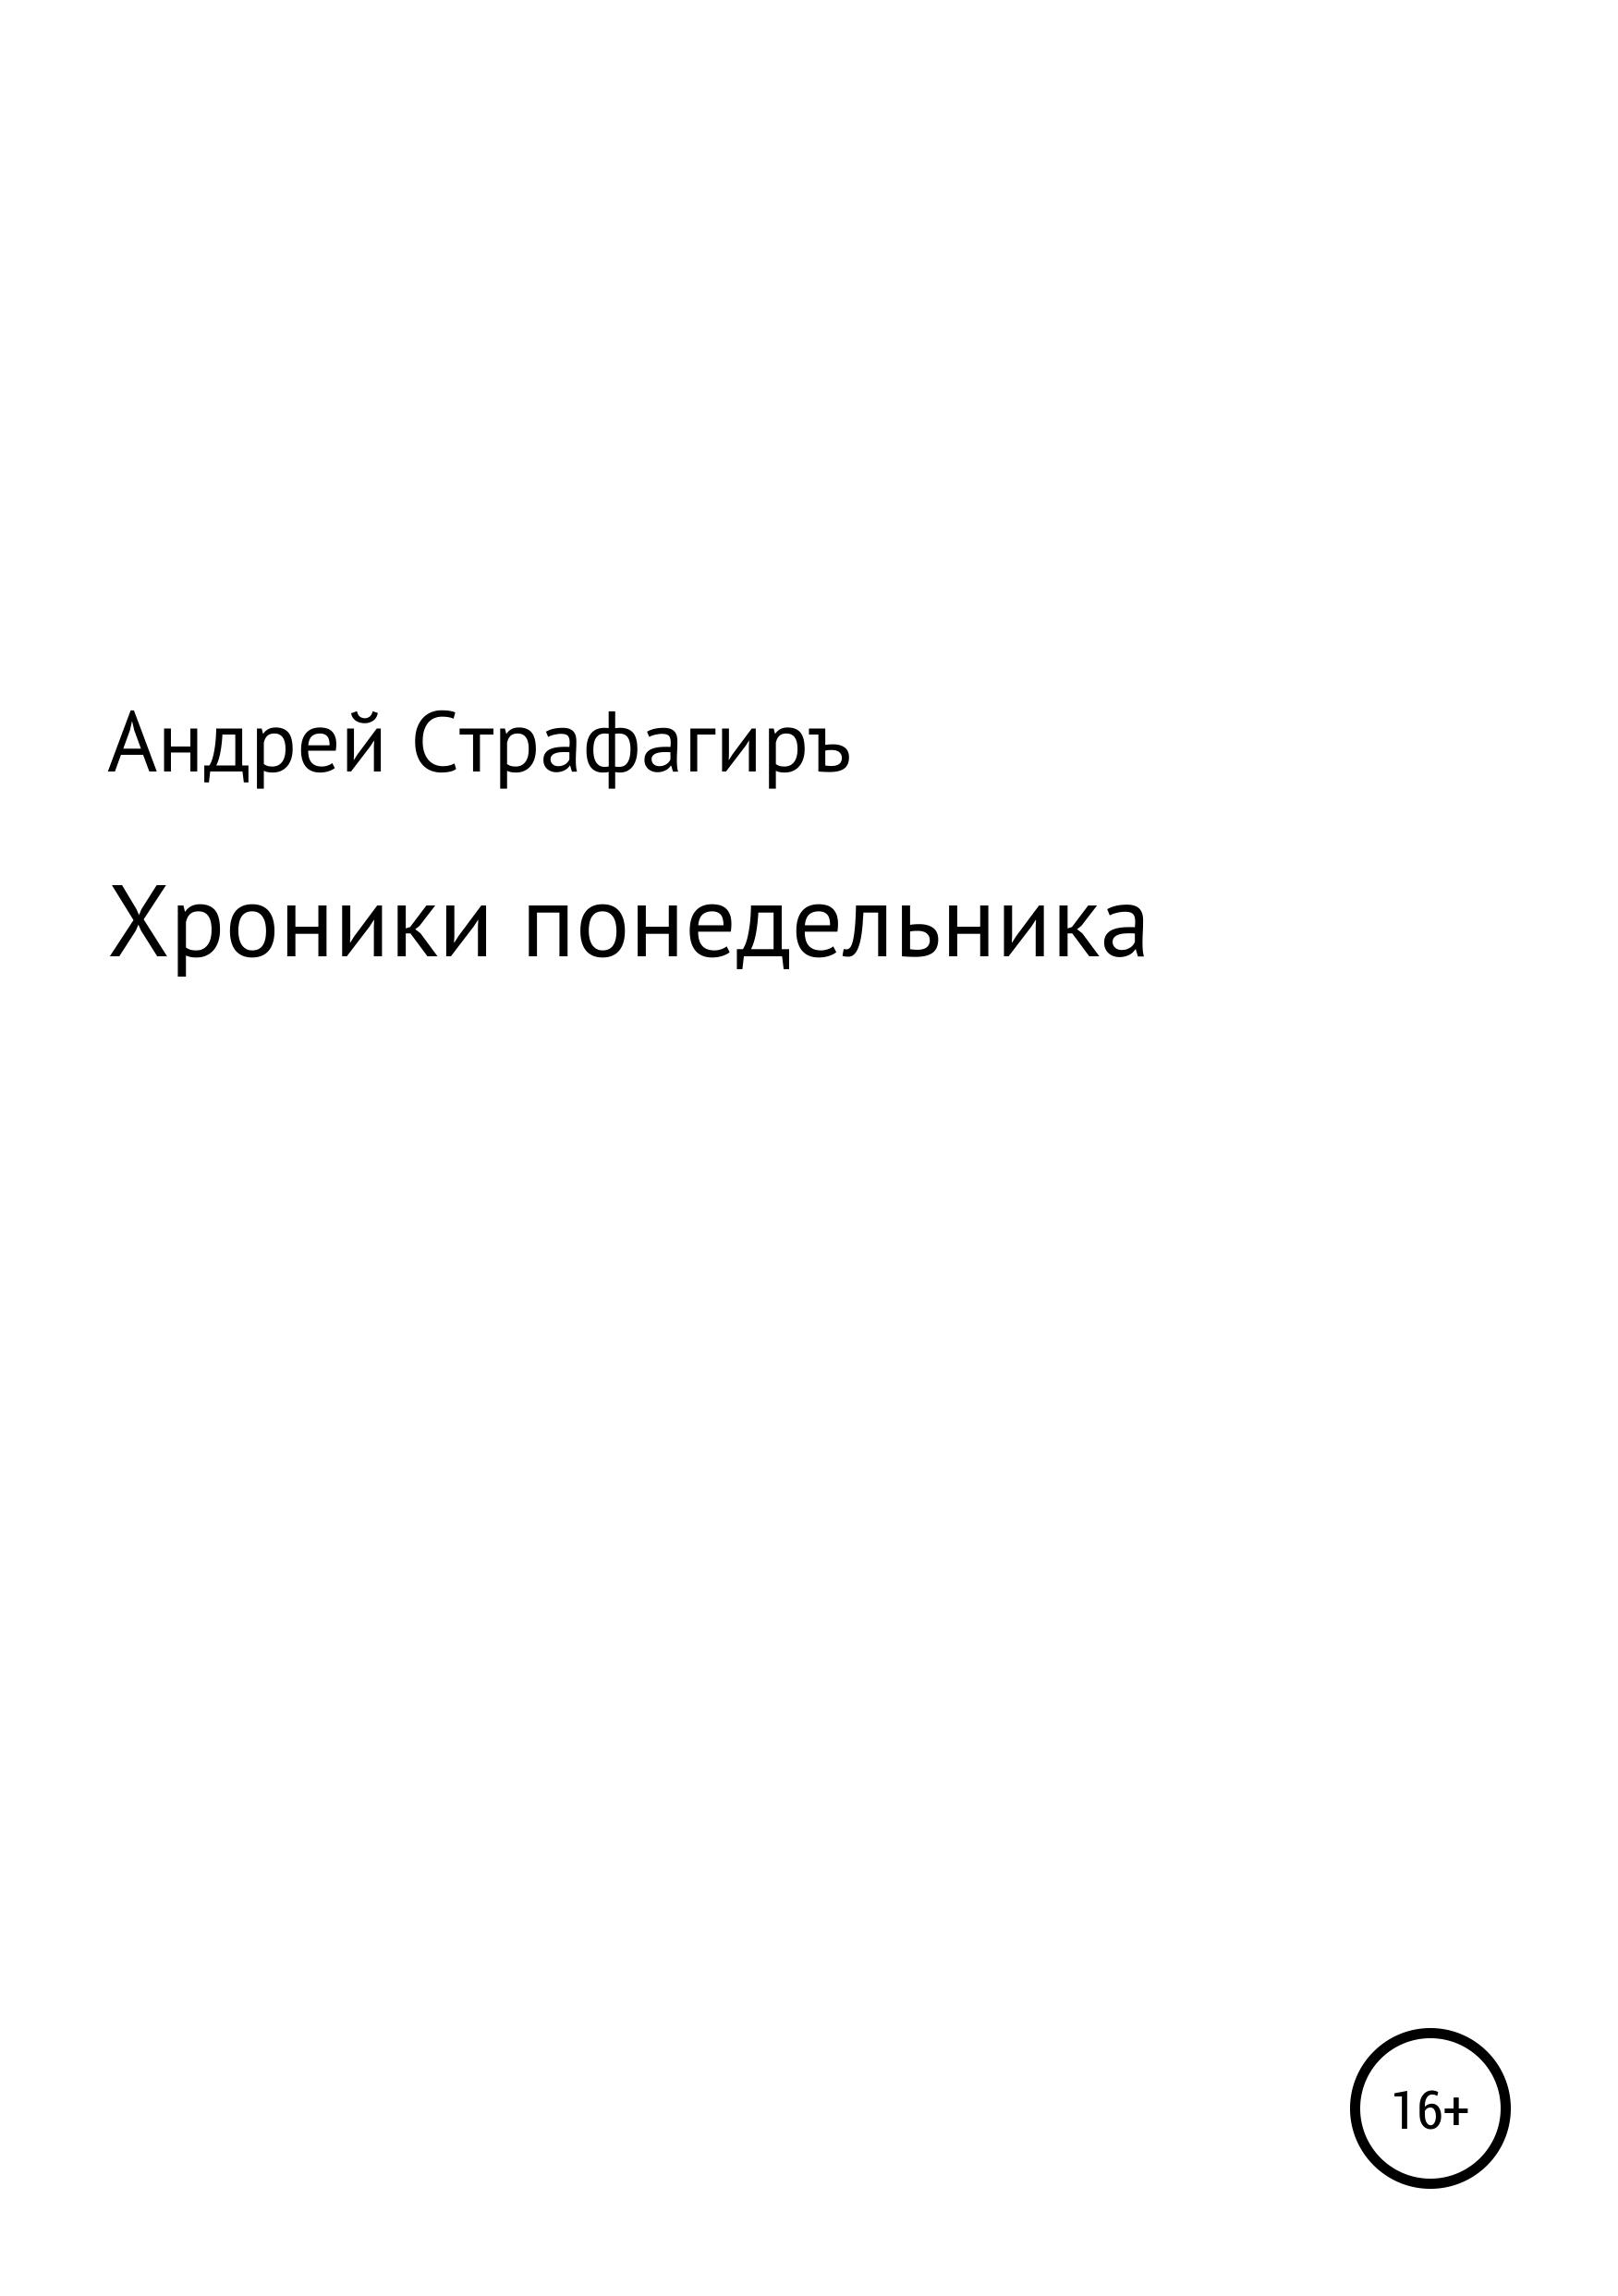 Андрей Страфагиръ. Хроники понедельника а с грехова история красавицы ичудовища внашидни